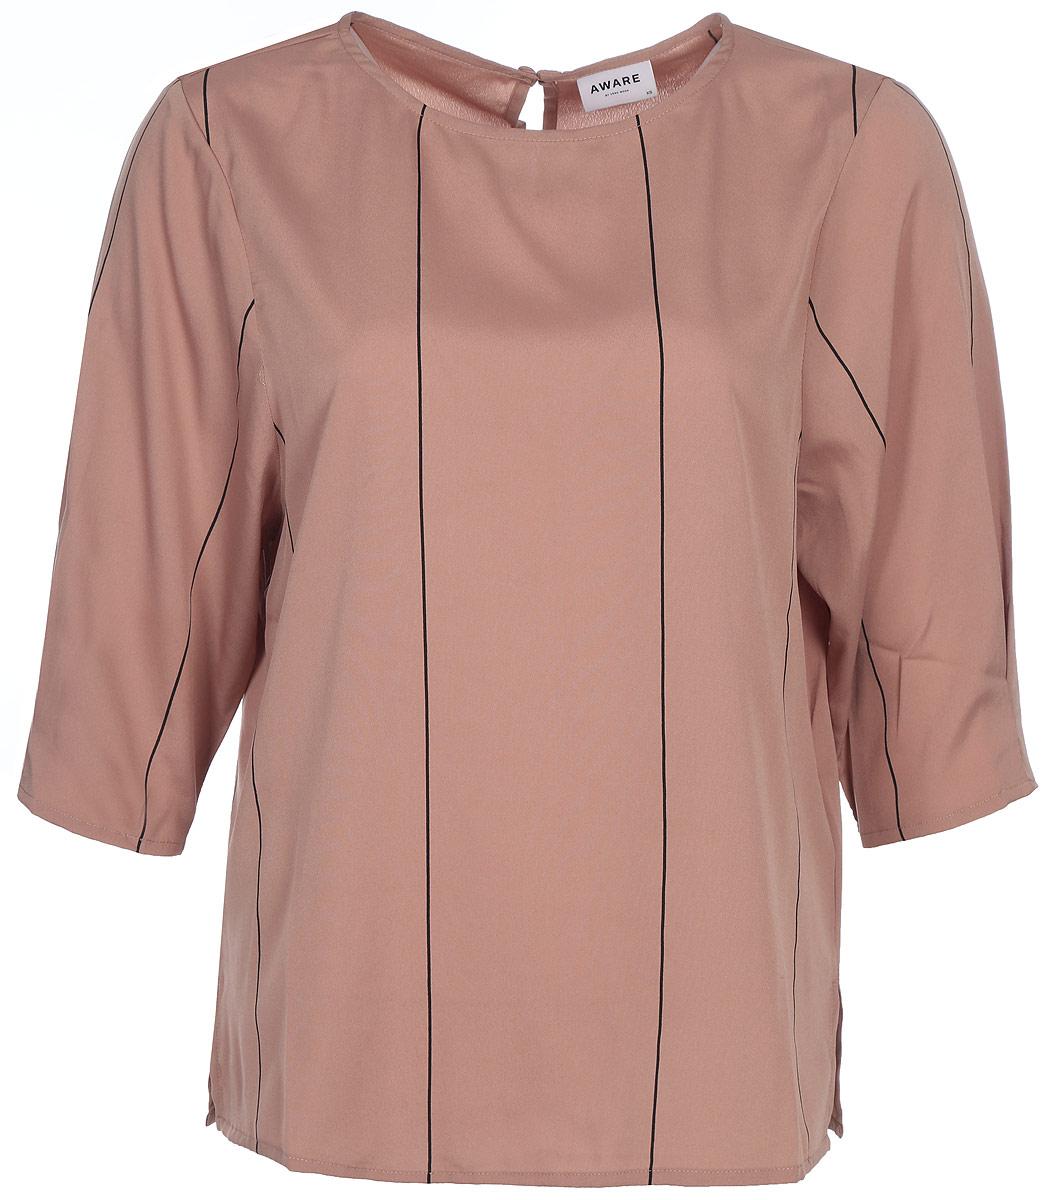 Блузка женская Vero Moda, цвет: коричневый. 10187952_Mocha Mousse. Размер 46/4810187952_Mocha MousseСтильная блузка свободного силуэта, выполненная из 100% полиэстера, отлично дополнит ваш гардероб. Модель с рукавами до локтя и круглым вырезом горловины на спинке имеет застежку на пуговицу.